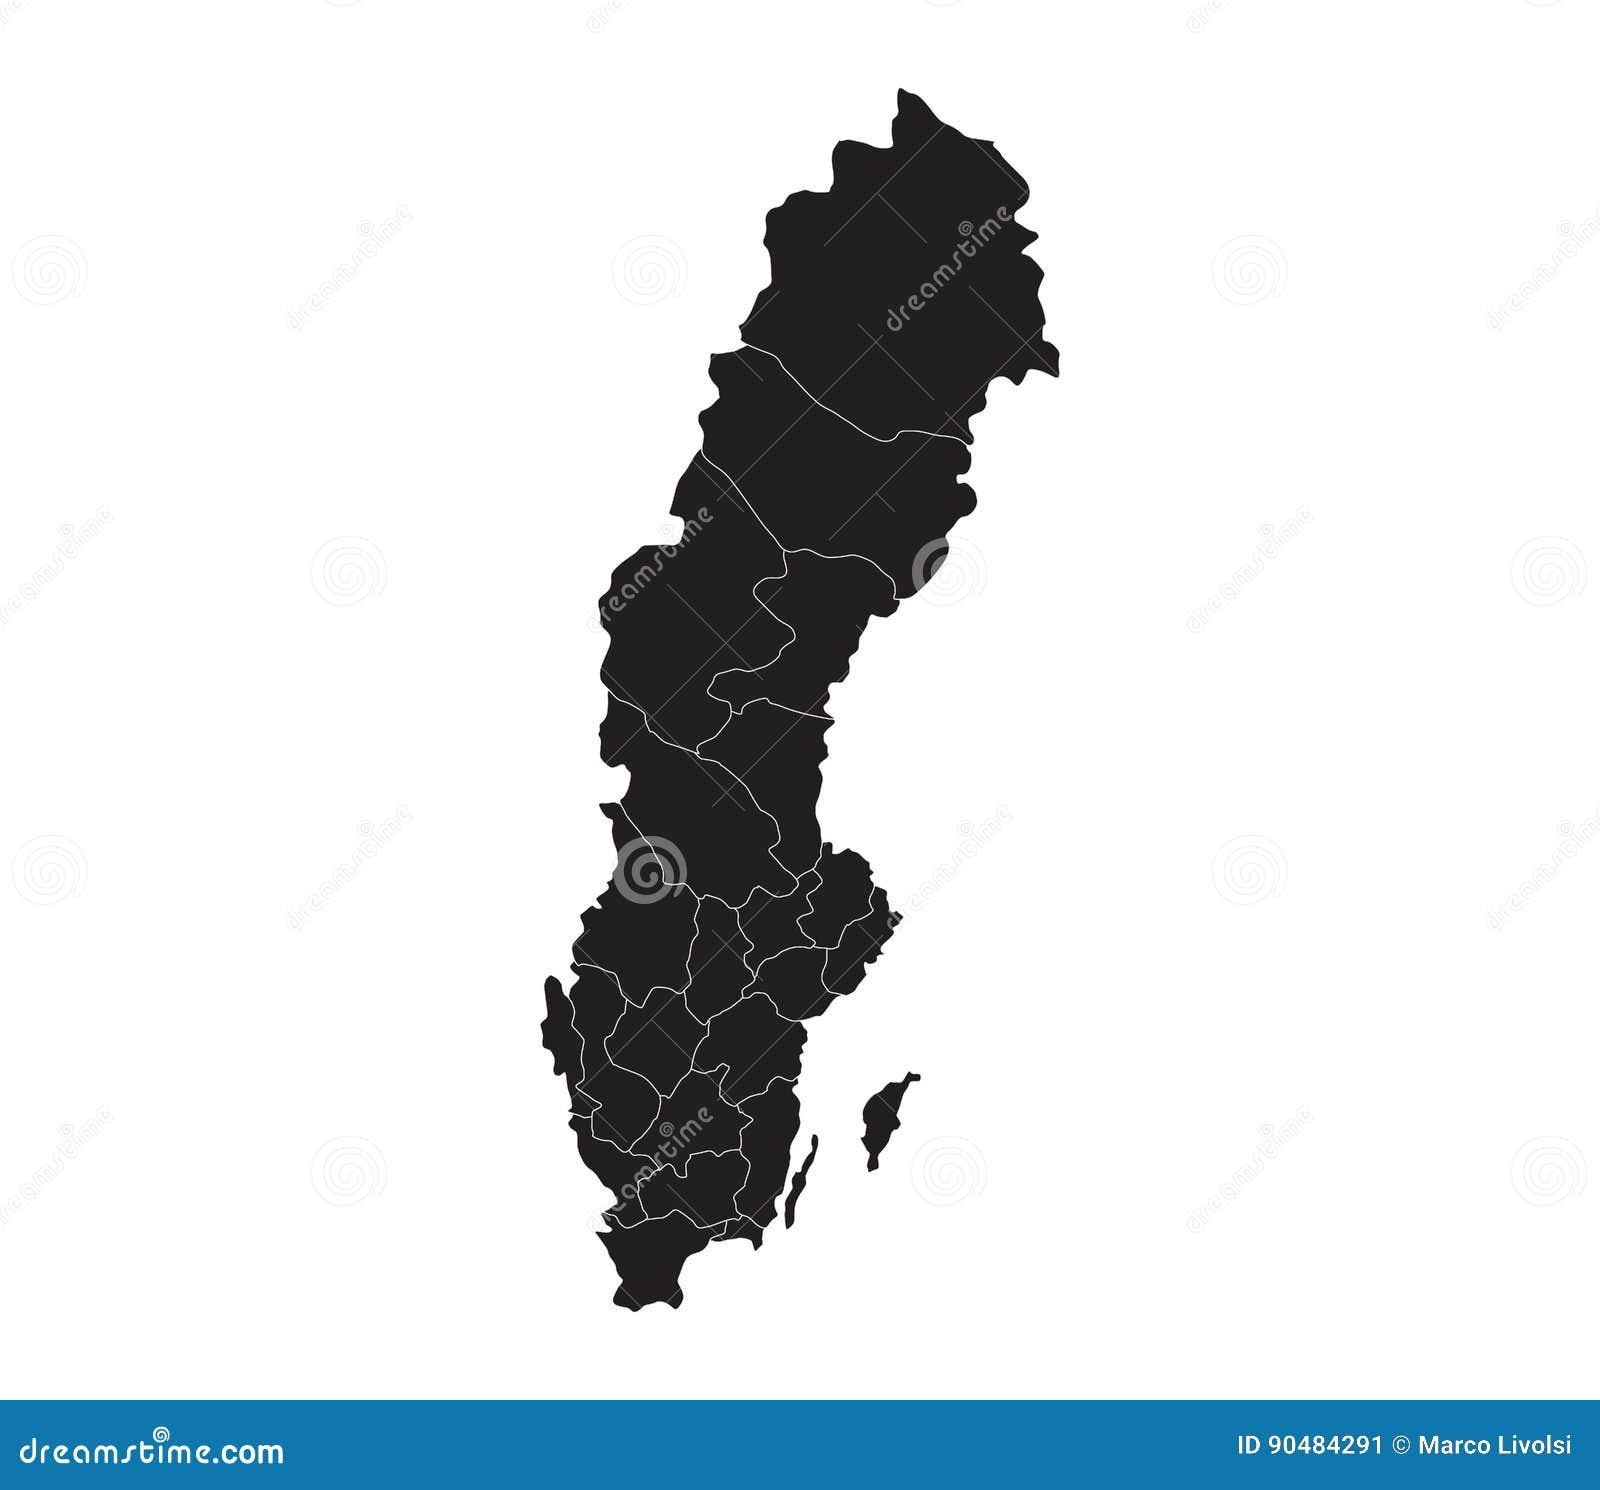 Schweden Karte Regionen.Karte Von Schweden Mit Den Regionen Veranschaulicht Stock